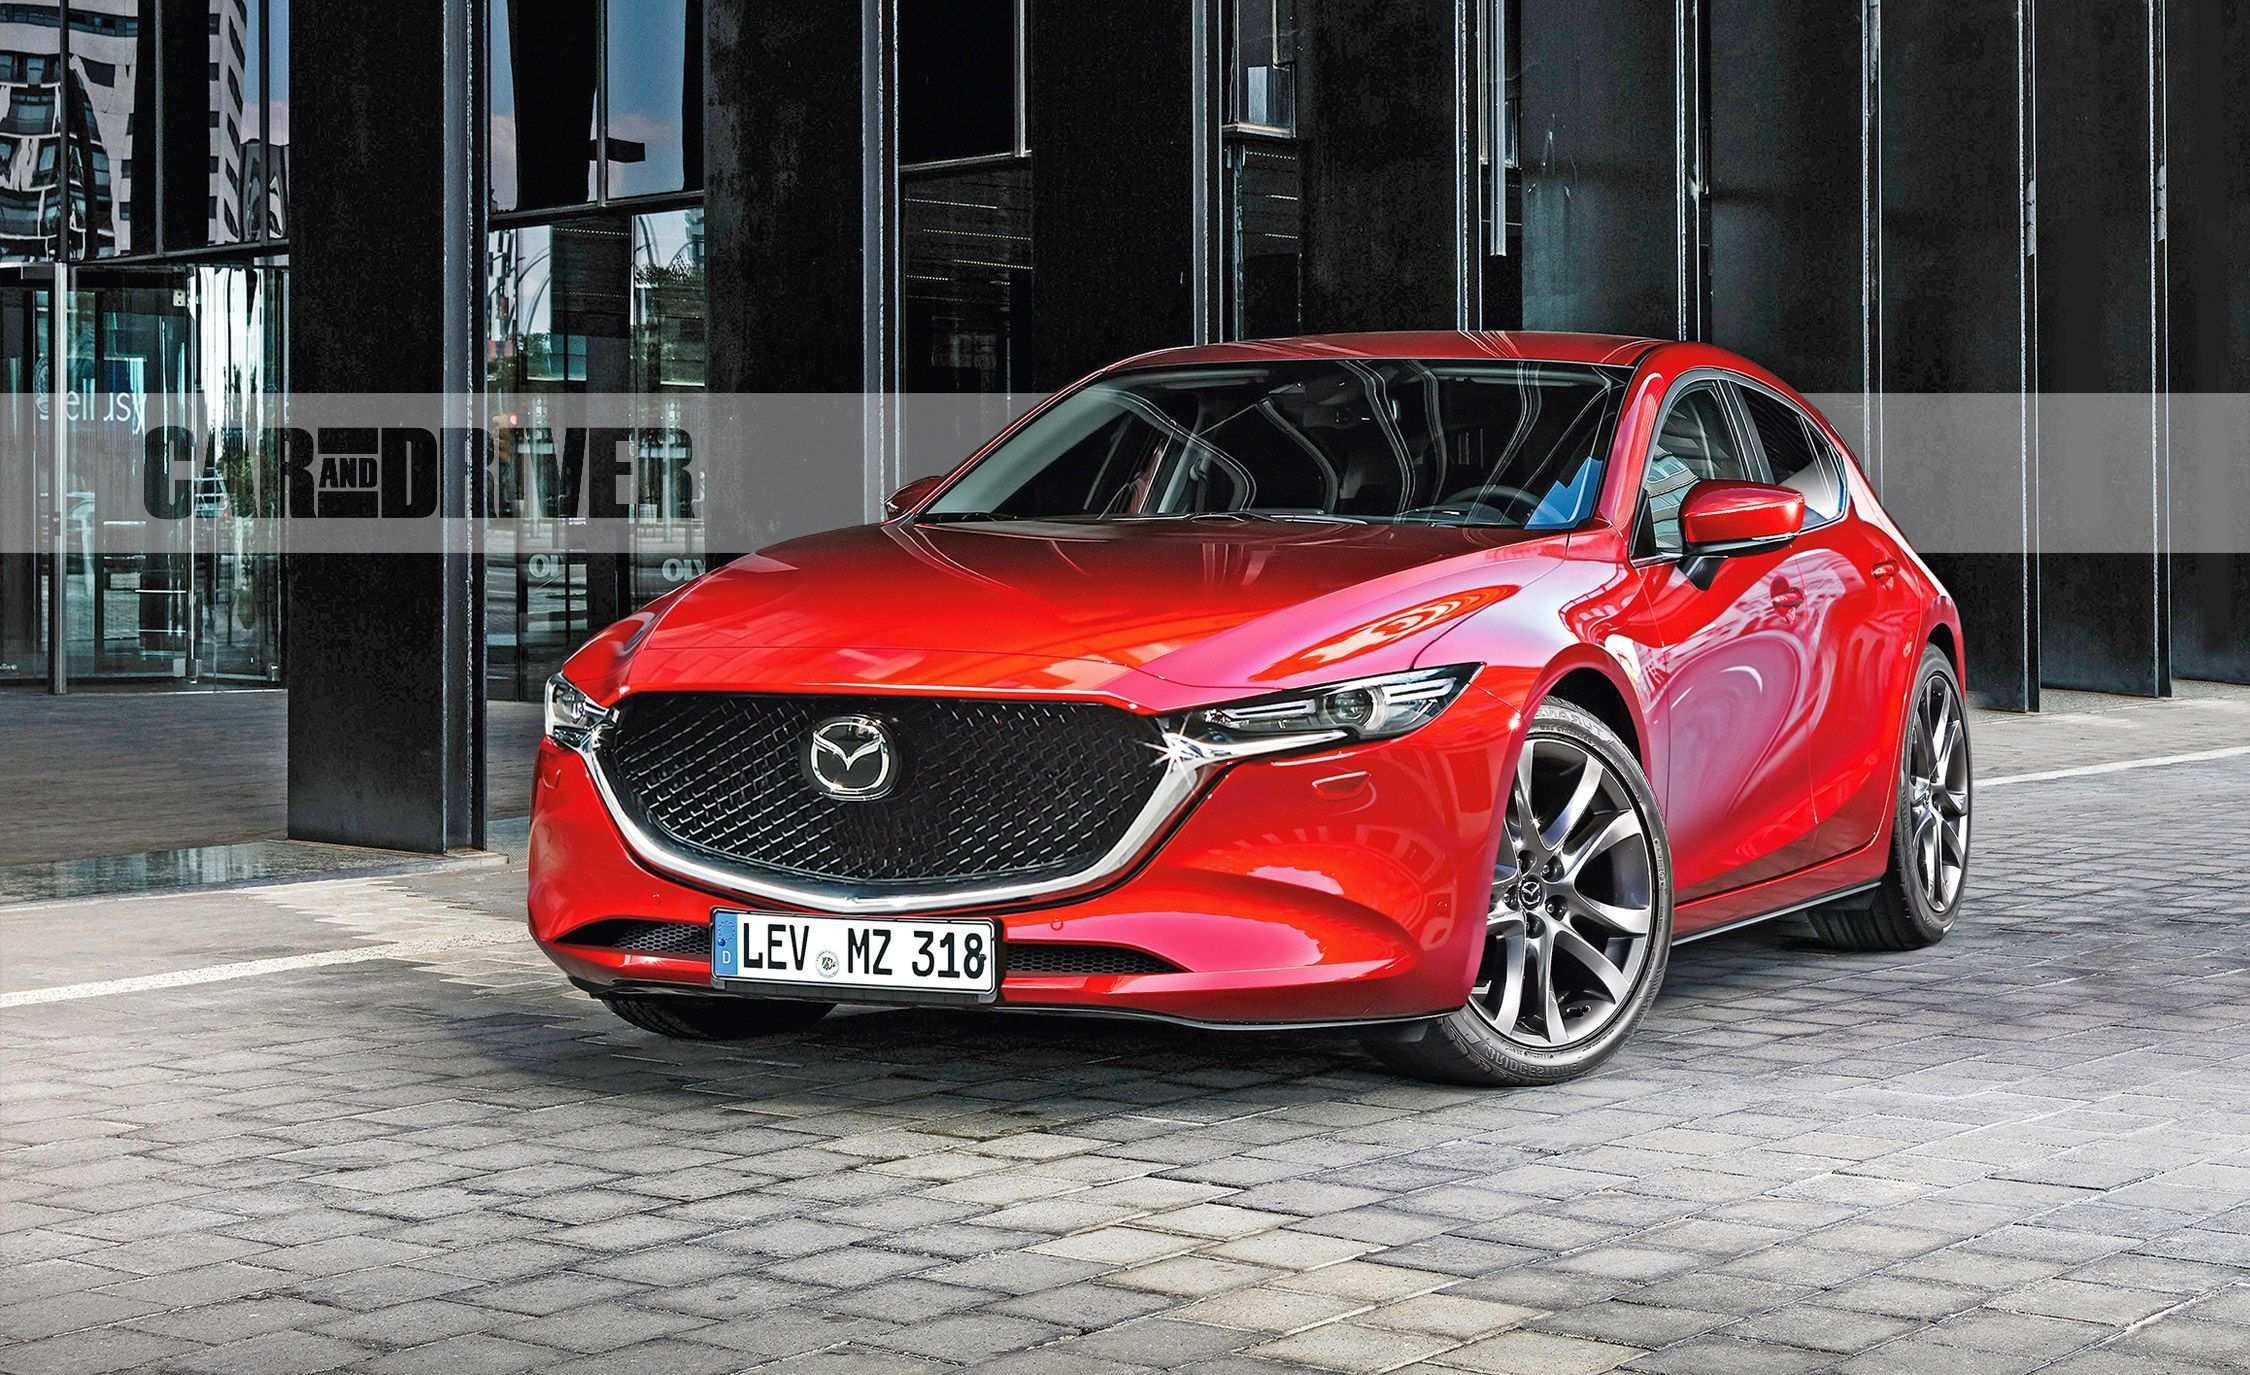 57 Great Precio Del Mazda 2020 Speed Test by Precio Del Mazda 2020